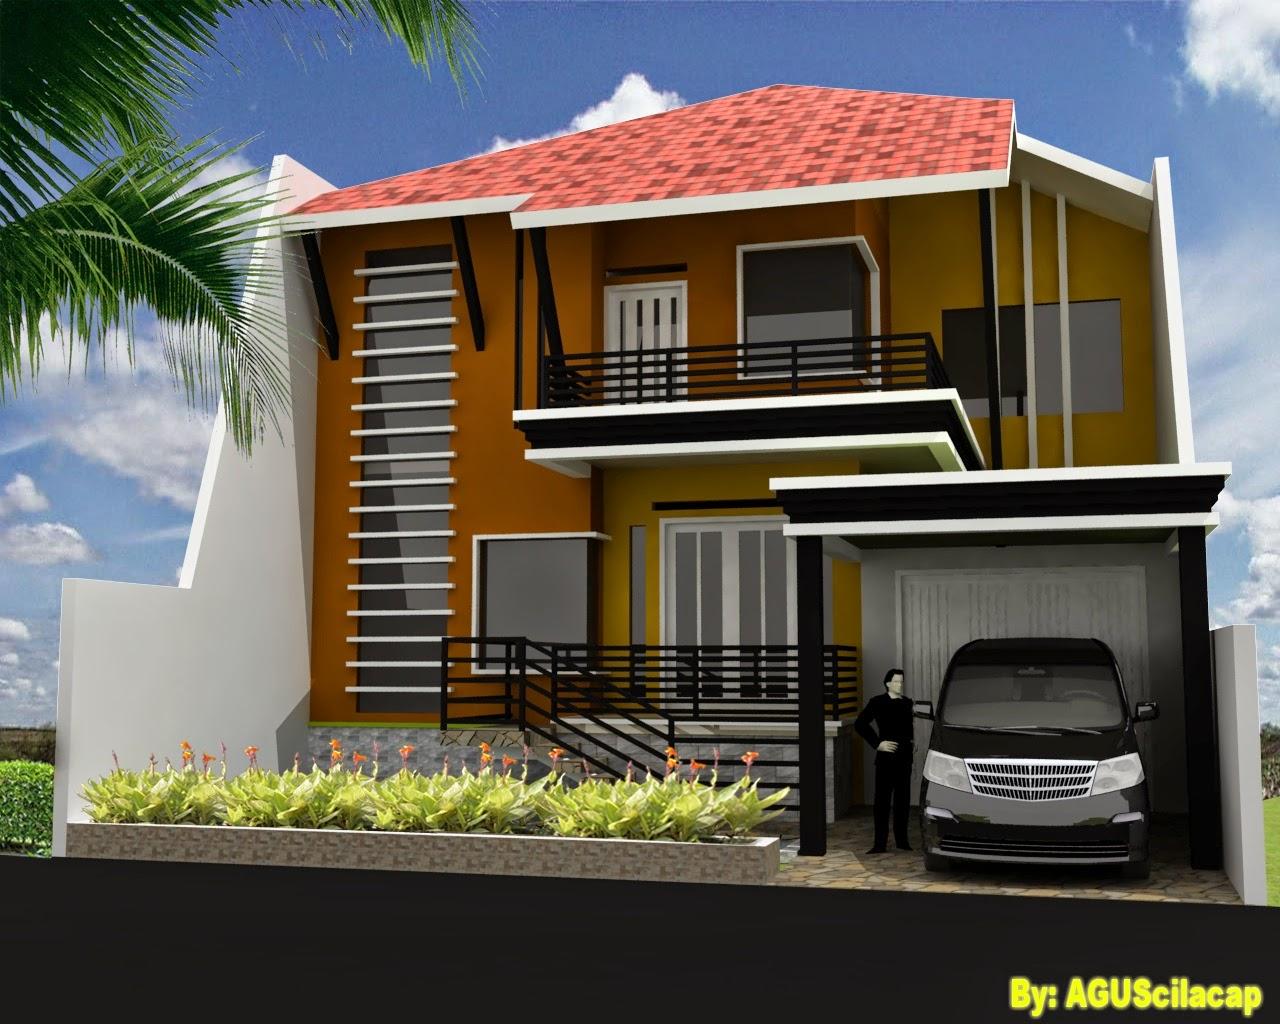 Desain Rumah Minimalis 2 Lantai Type 80 Gambar Foto Desain Rumah